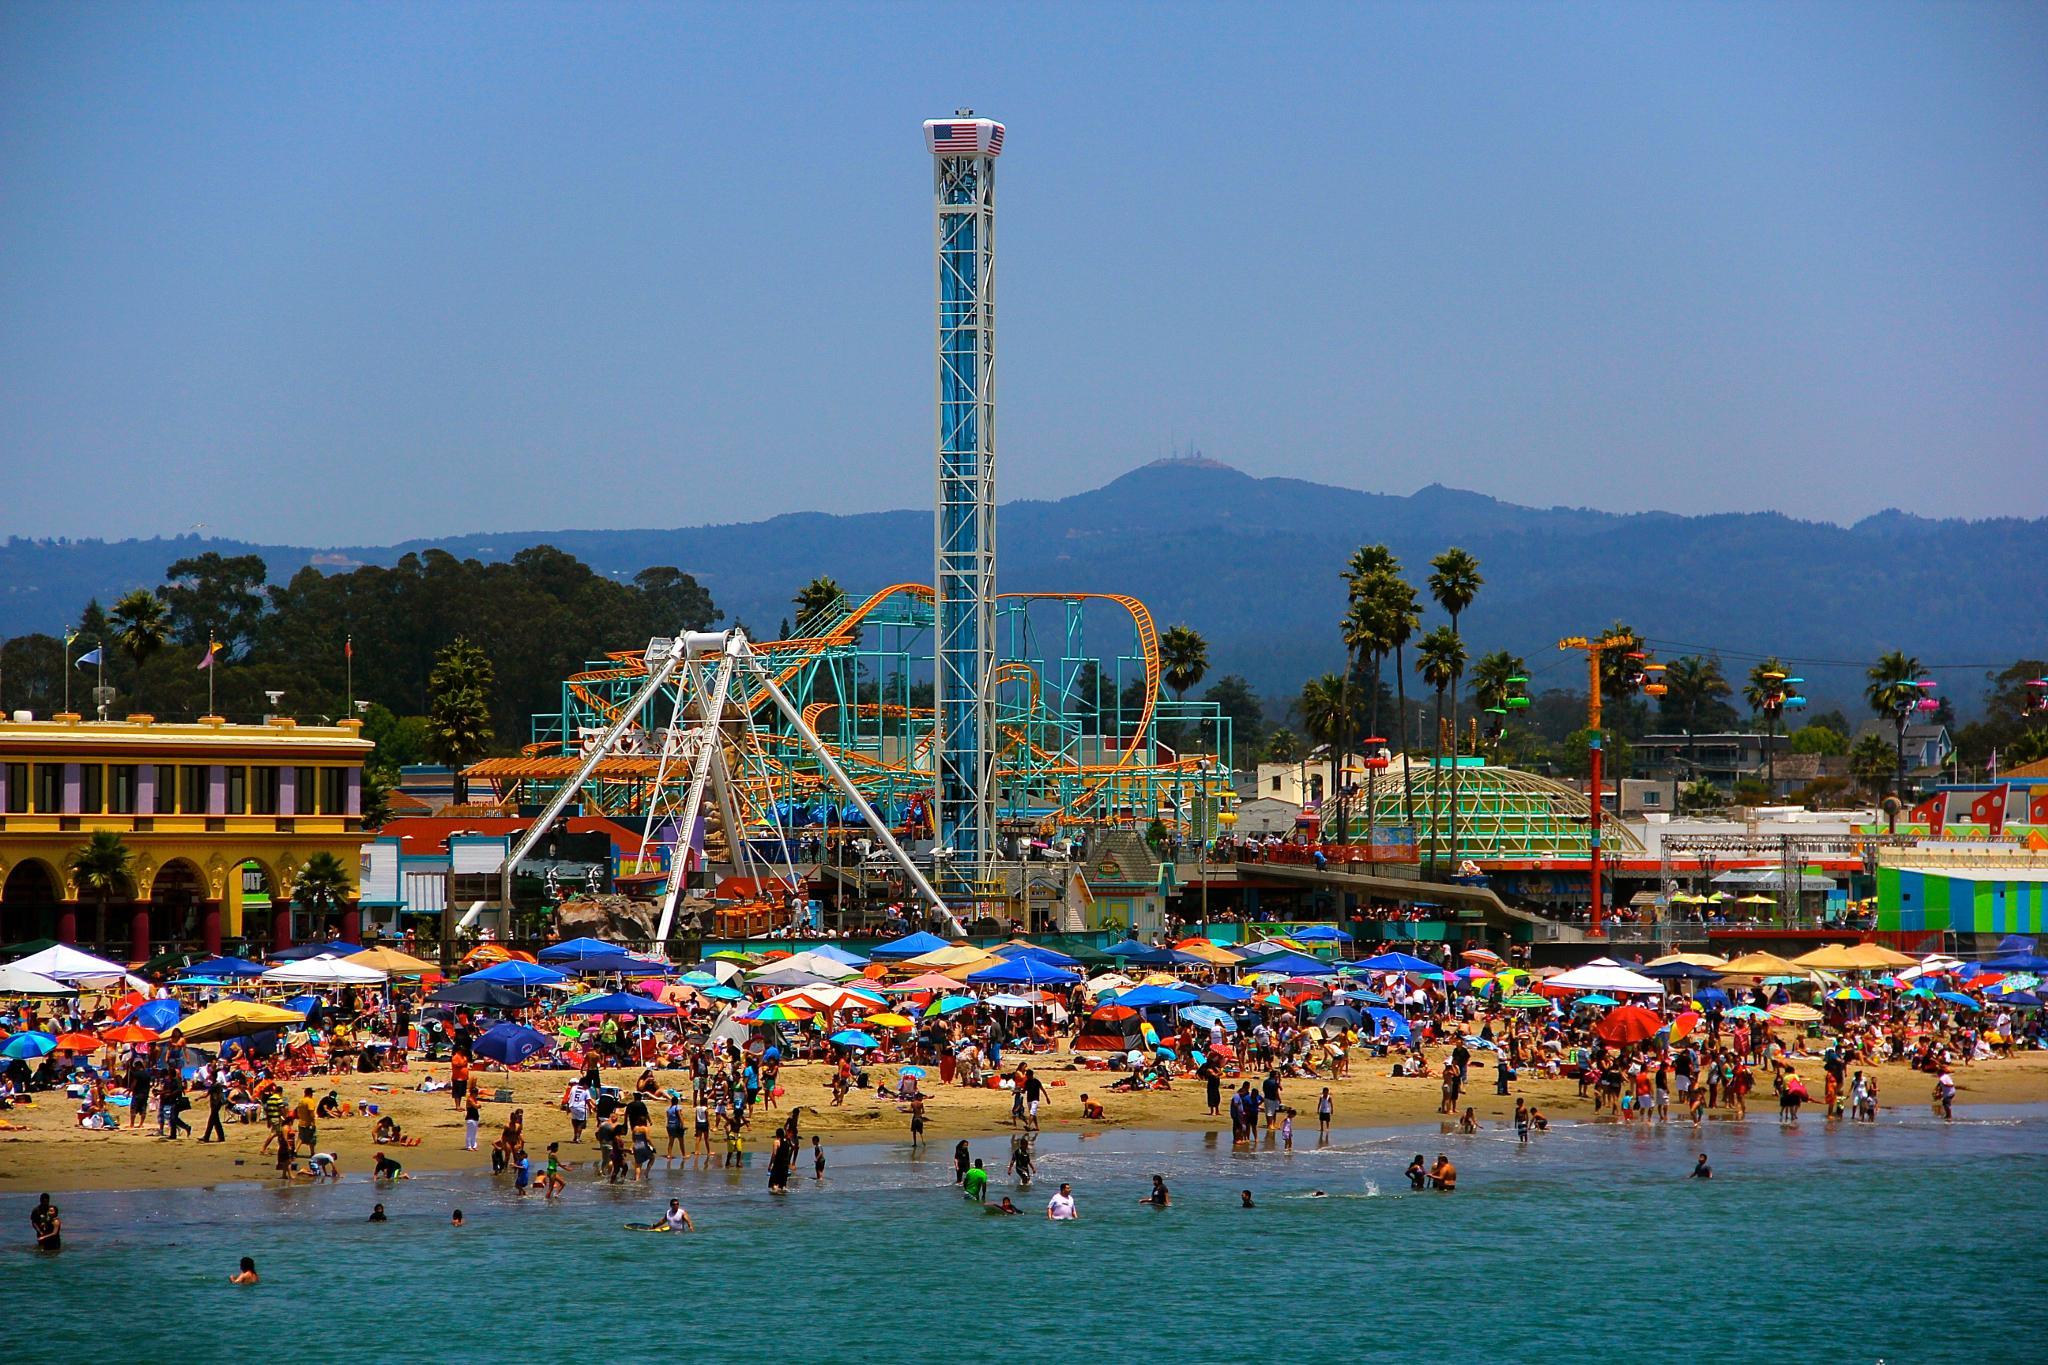 Santa Cruz Boardwalk by McBridePictures.com